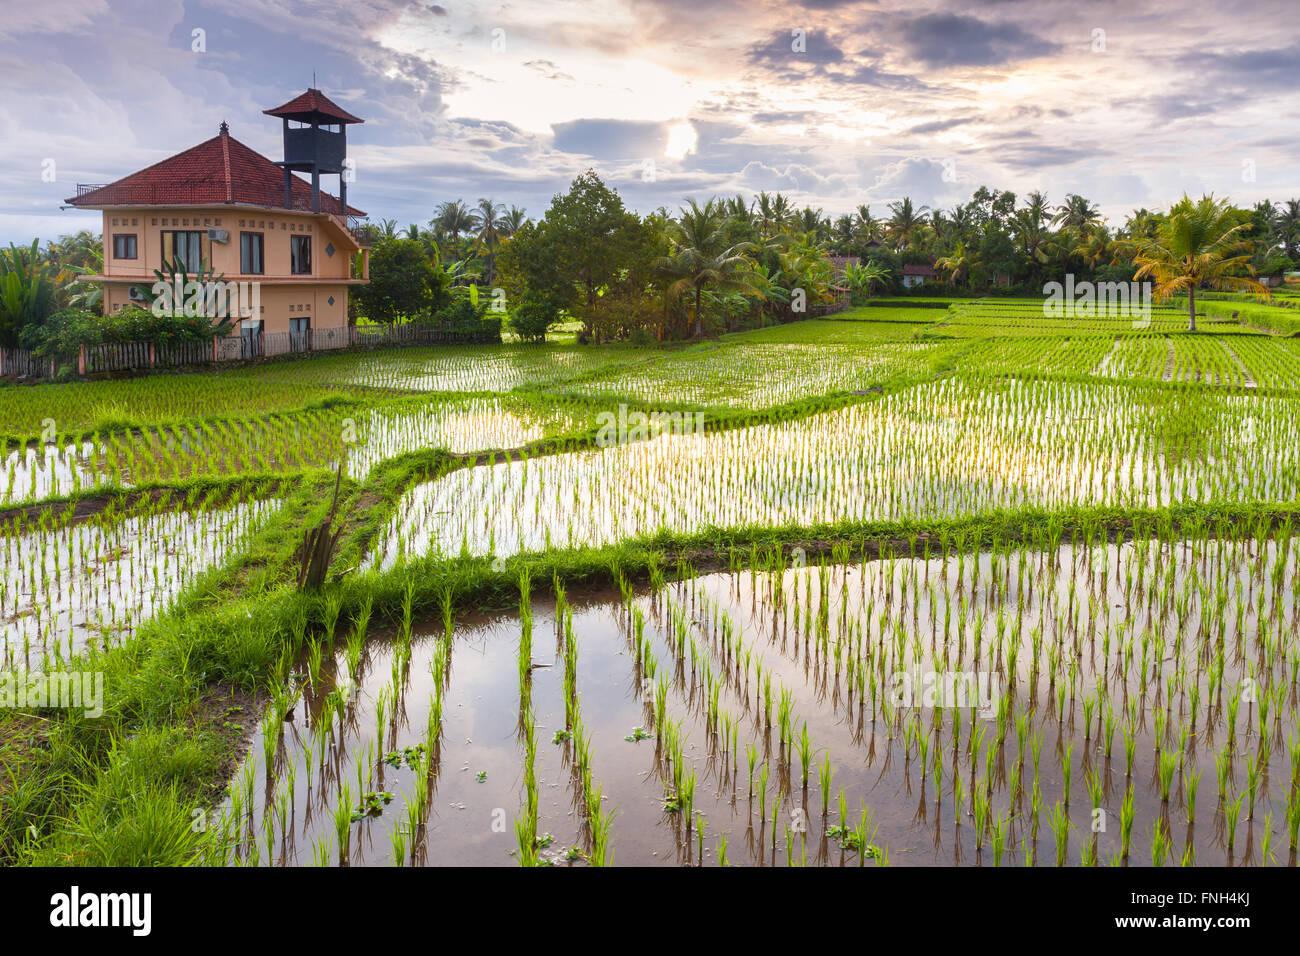 Hermosa puesta de sol sobre el campo de arroz, Ubud, Bali, Indonesia. Imagen De Stock